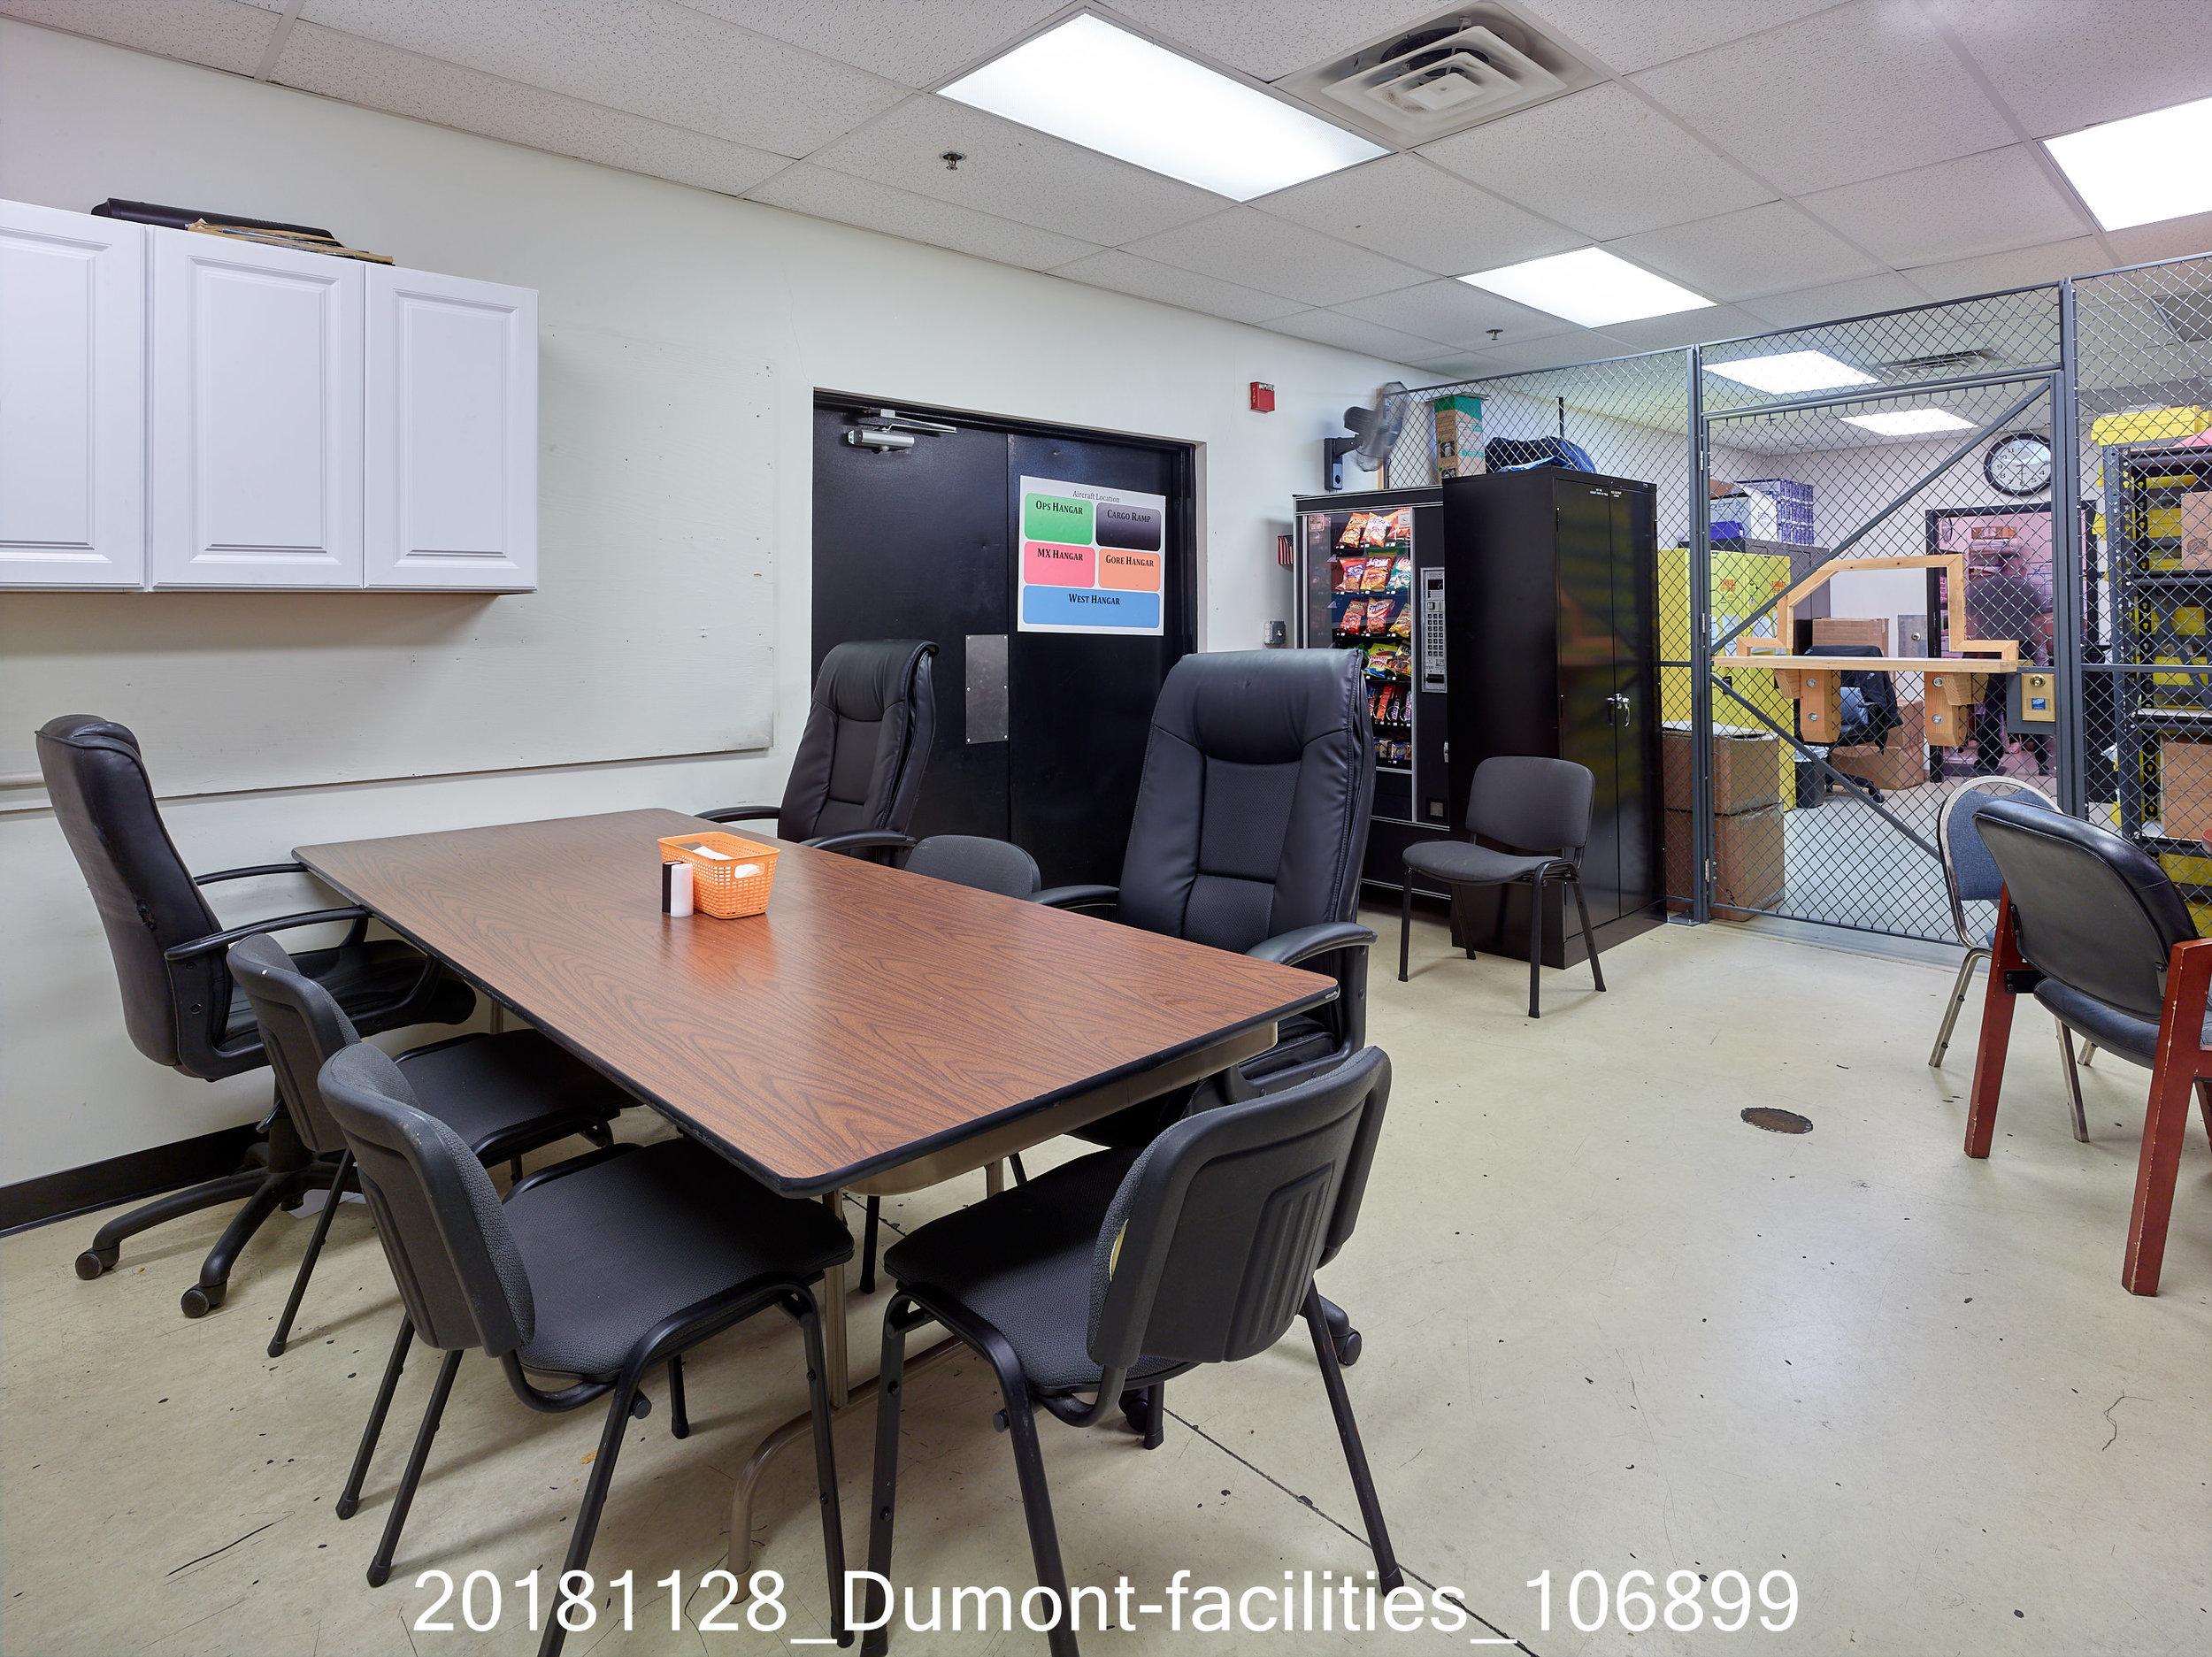 20181128_Dumont-facilities_106899.jpg